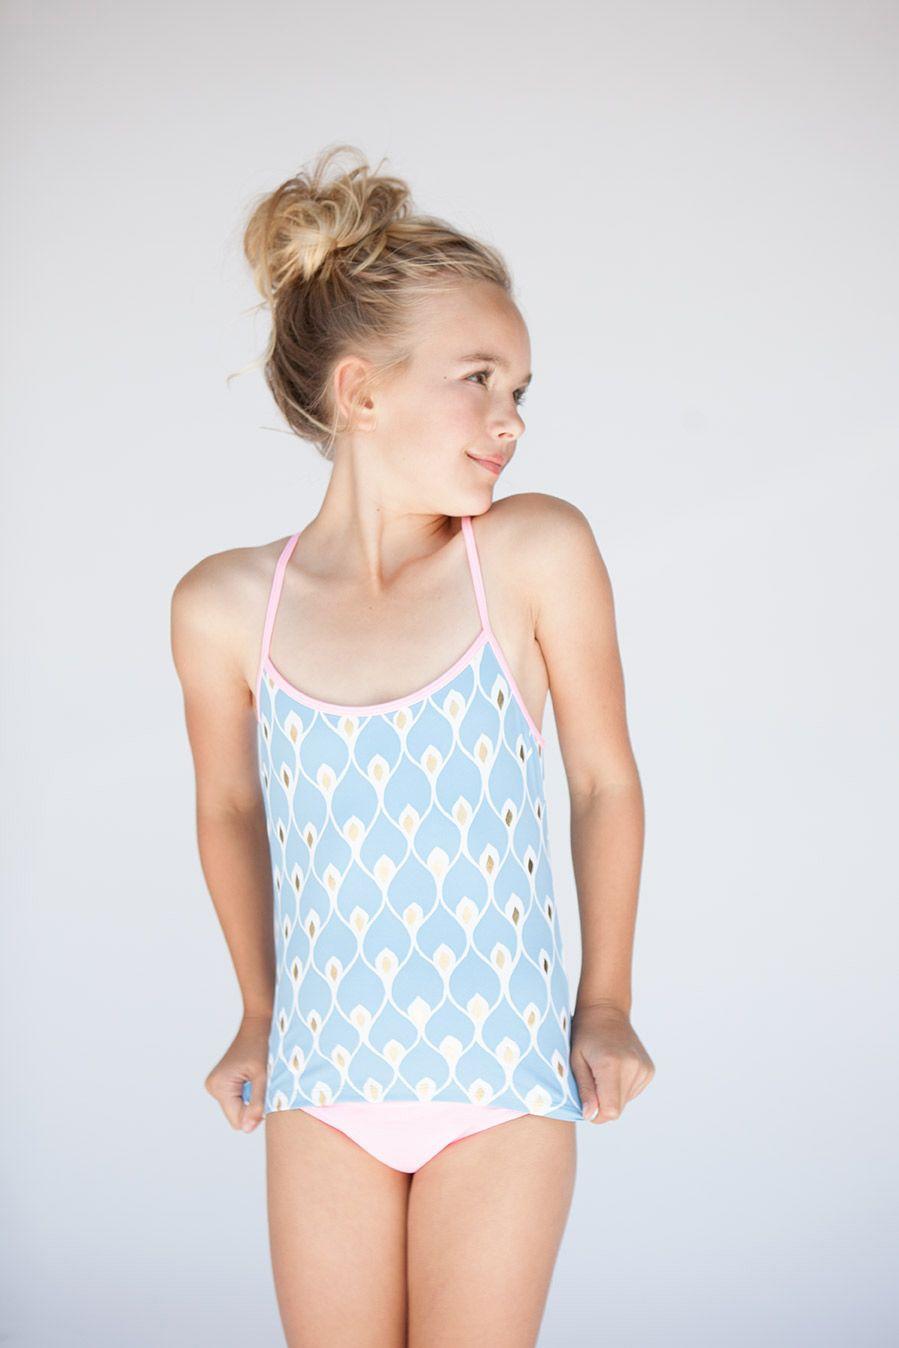 Bikini für Bademoden für Mädchen, Badebekleidung, Mädchen ...